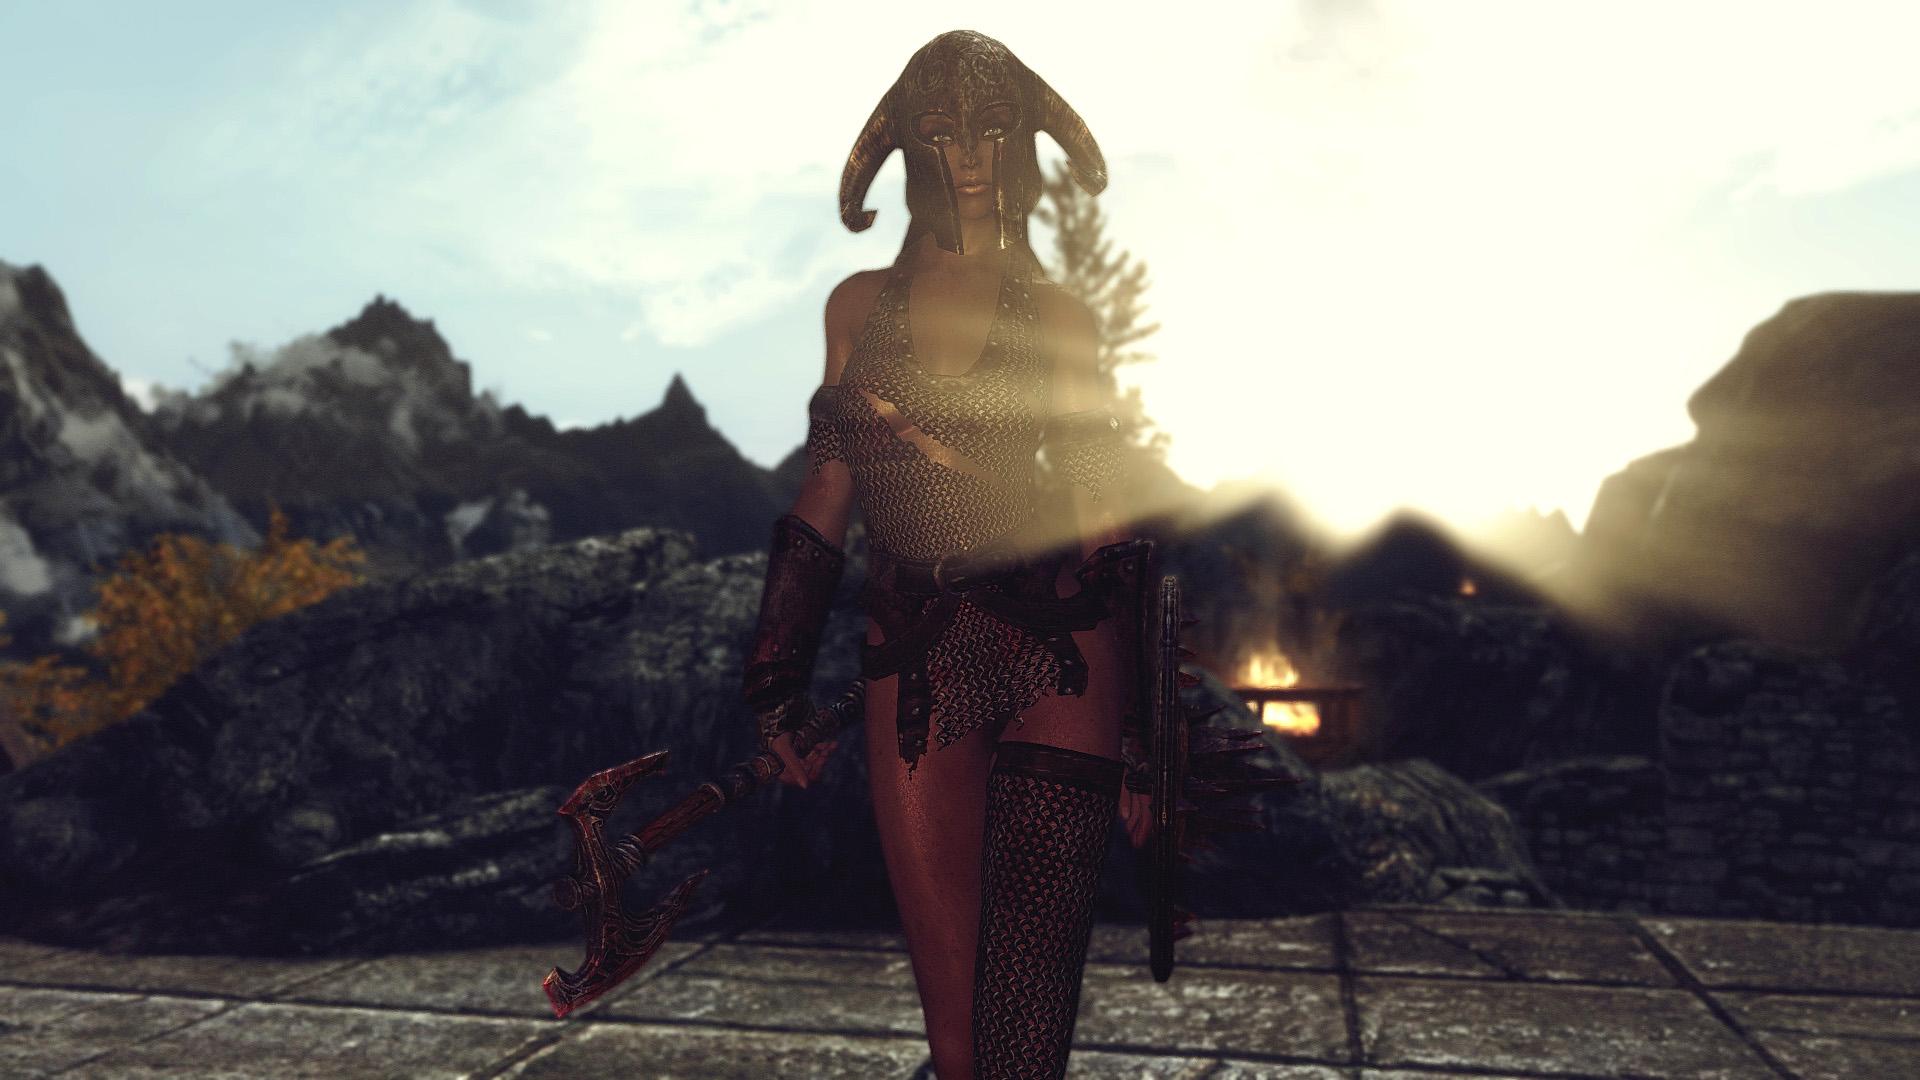 Обтягивающая женская одежда из драконей чишуи в скайриме